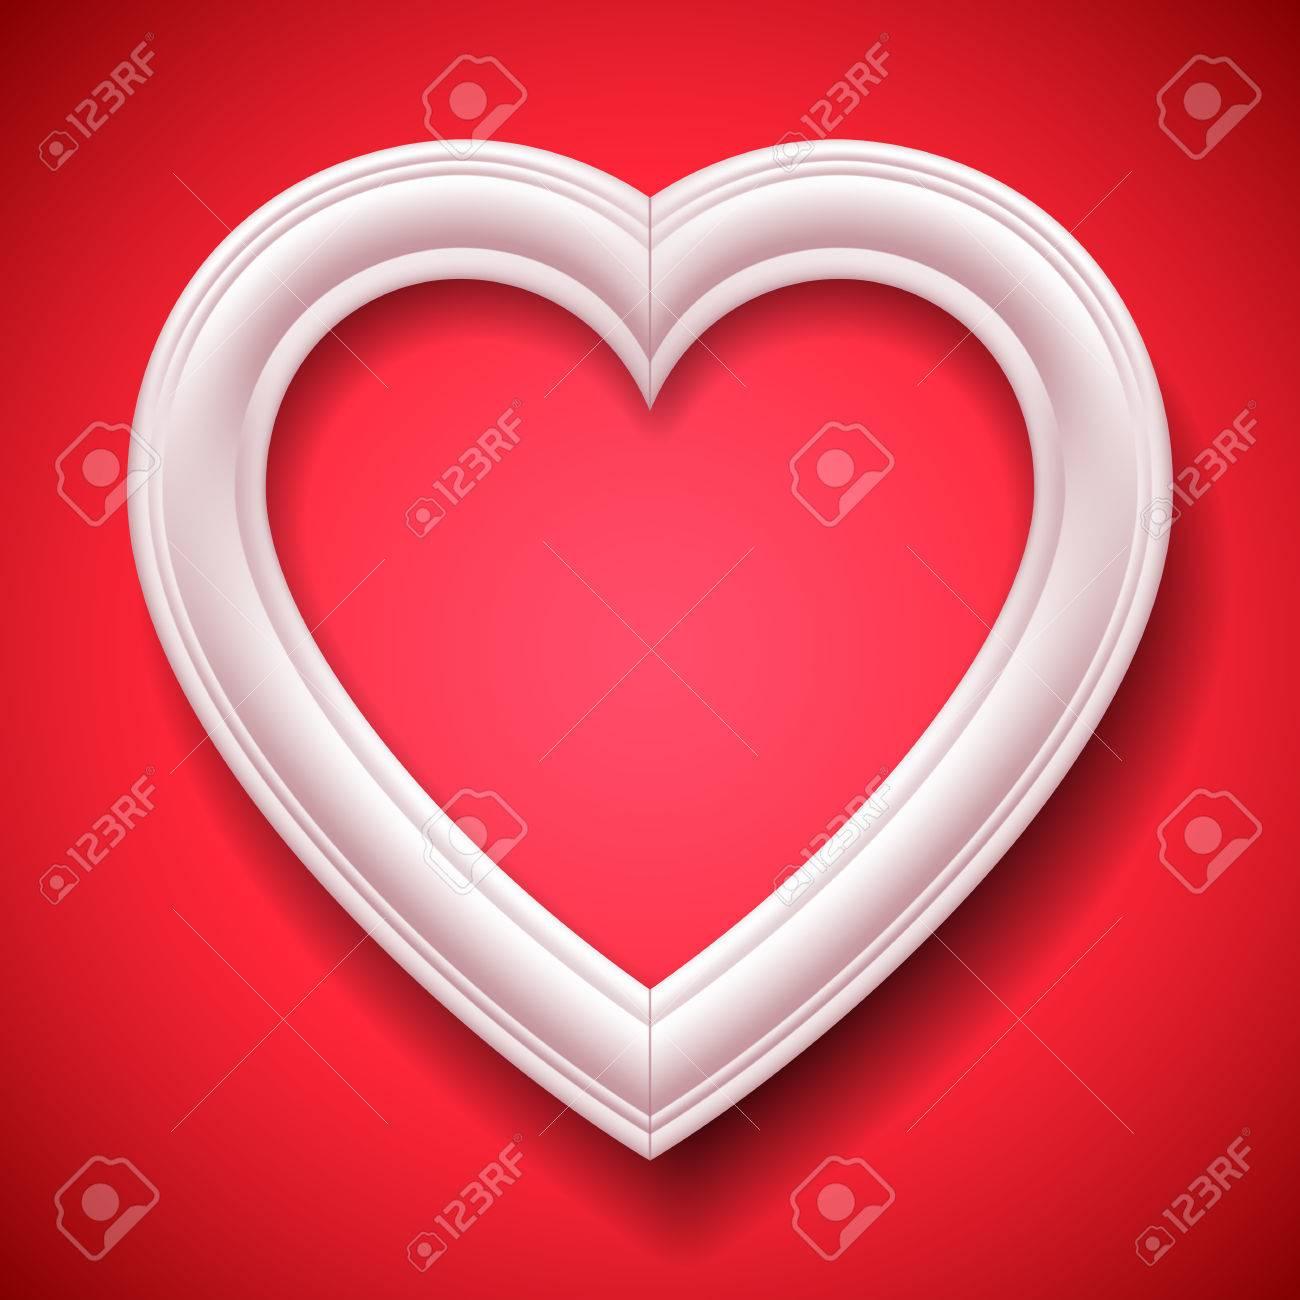 Weiß Herzförmigen Bilderrahmen Auf Rotem Hintergrund Lizenzfrei ...